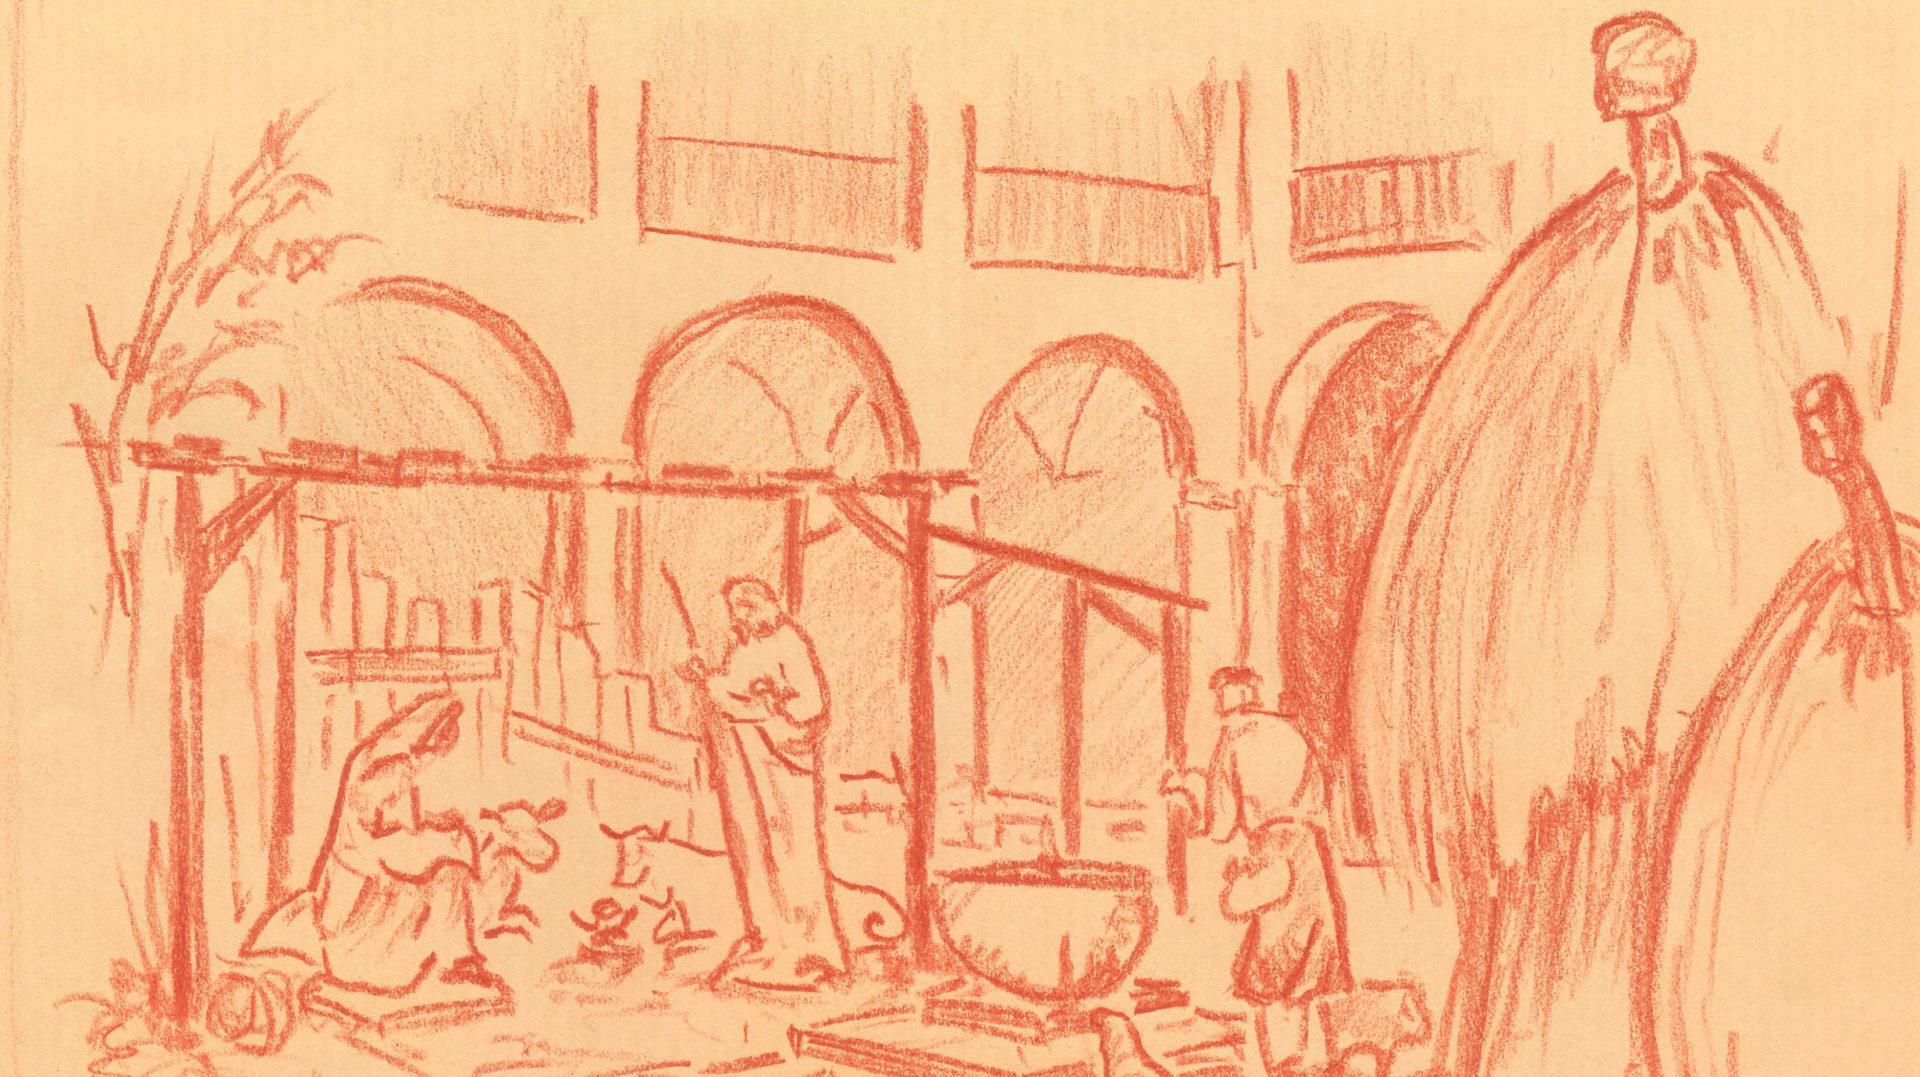 Inauguració del Pessebre de la Ciutat